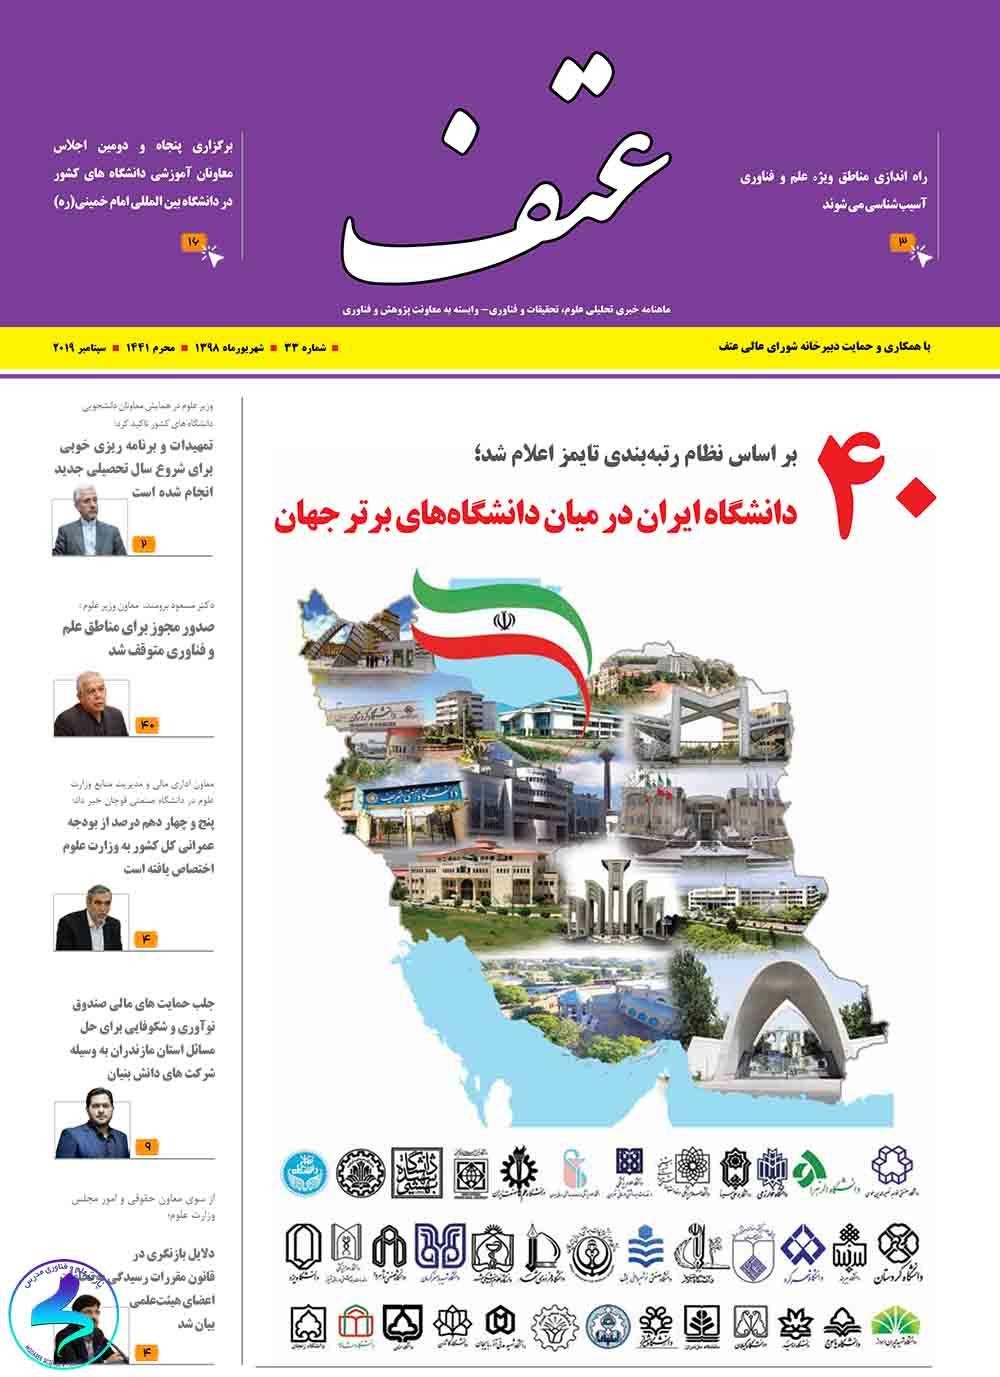 سی و سومین شماره نشریه عتف، ماهنامه خبری تحلیلی علوم، تحقیقات و فناوری